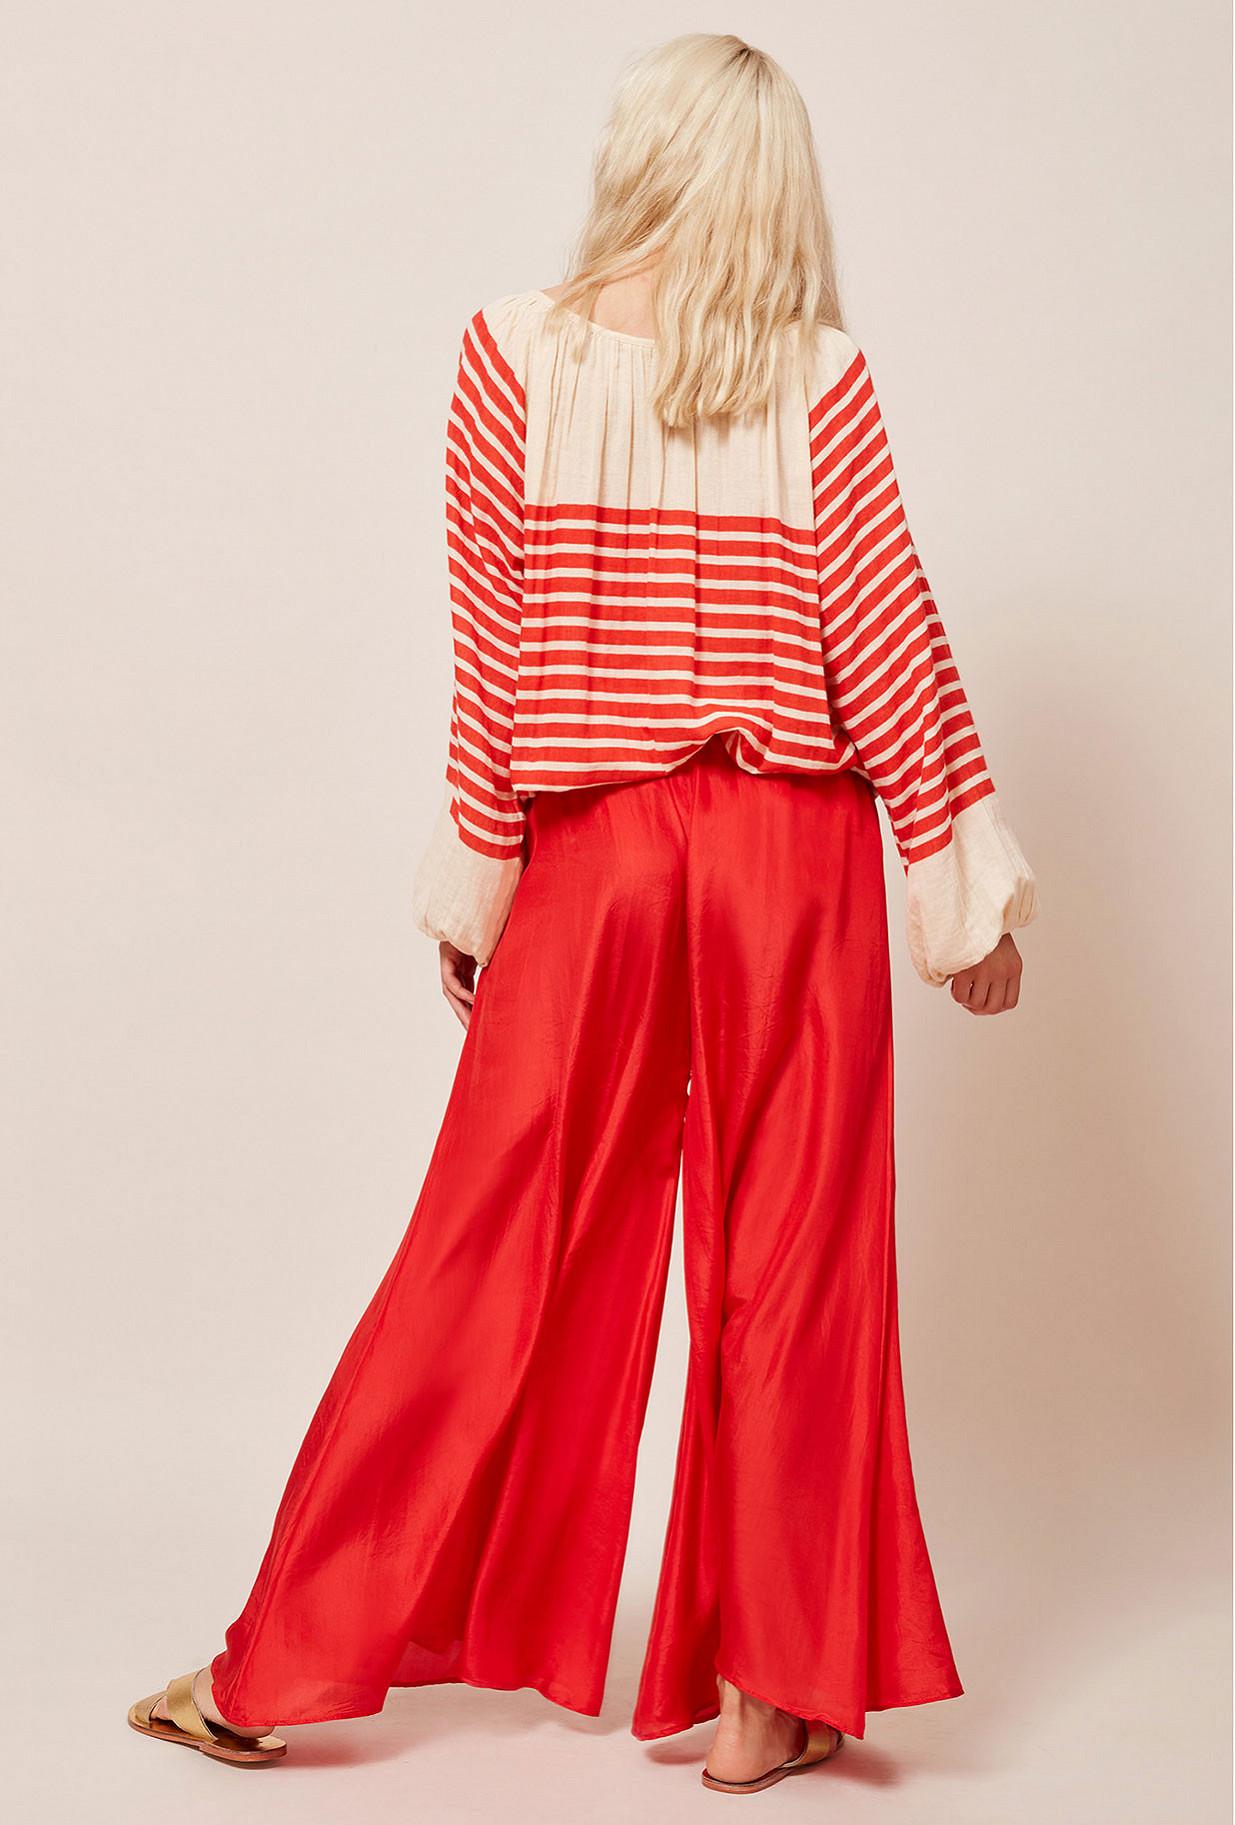 Paris clothes store Pant Nautilus french designer fashion Paris